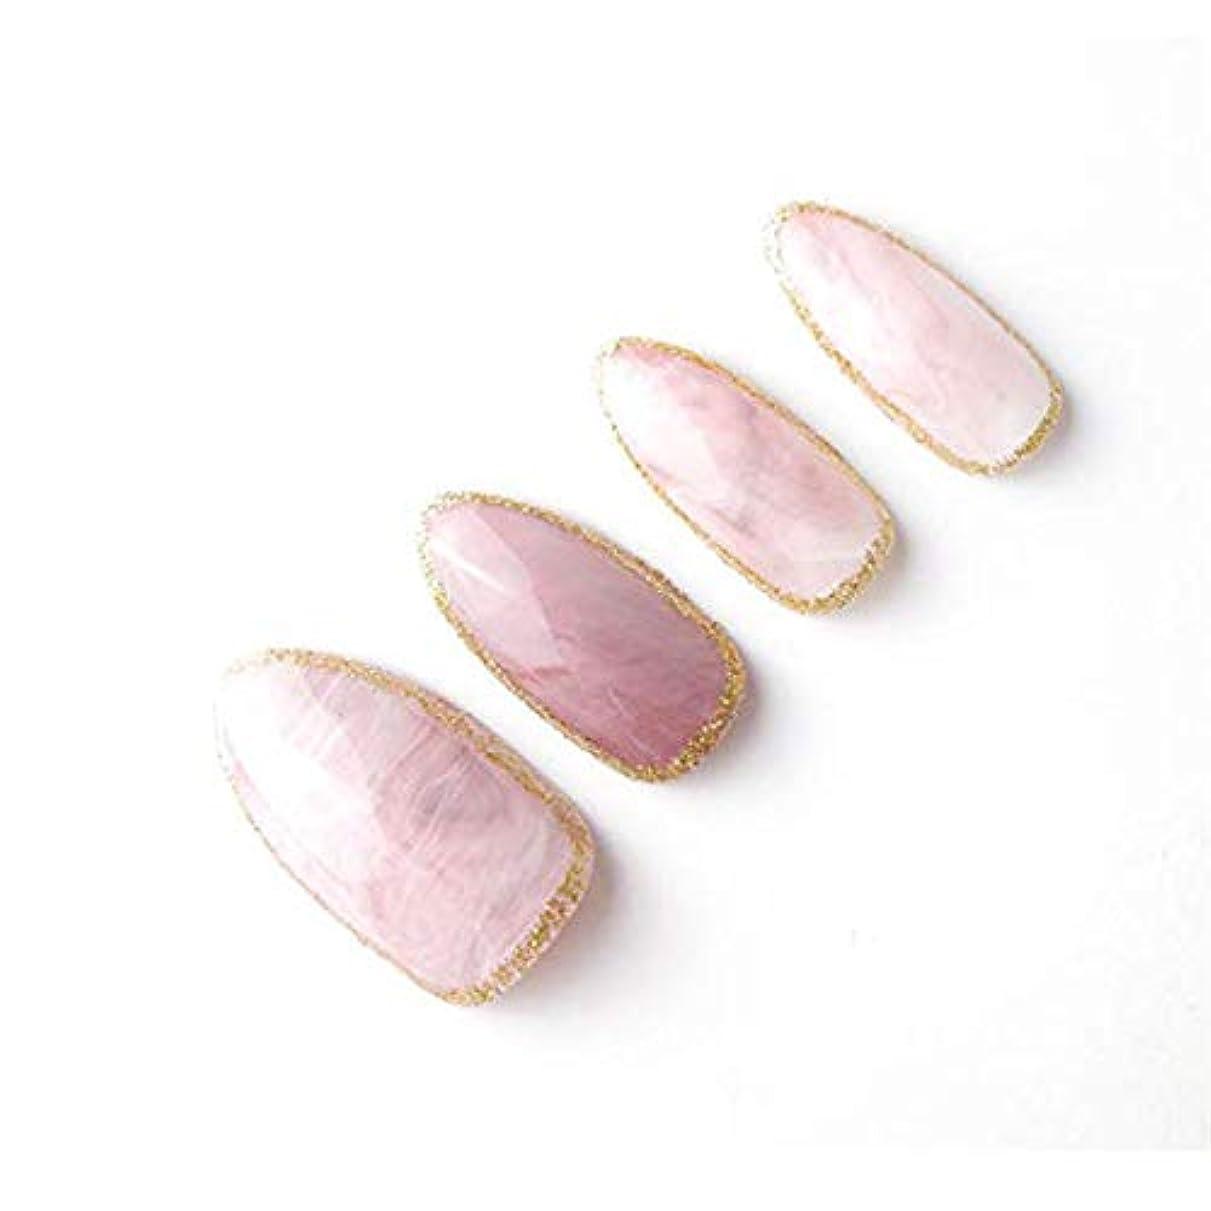 ぜいたく風刺解体するYuNail ネイルチップ 24枚 ピンク 石の質感 楕円形状 短い アクリル